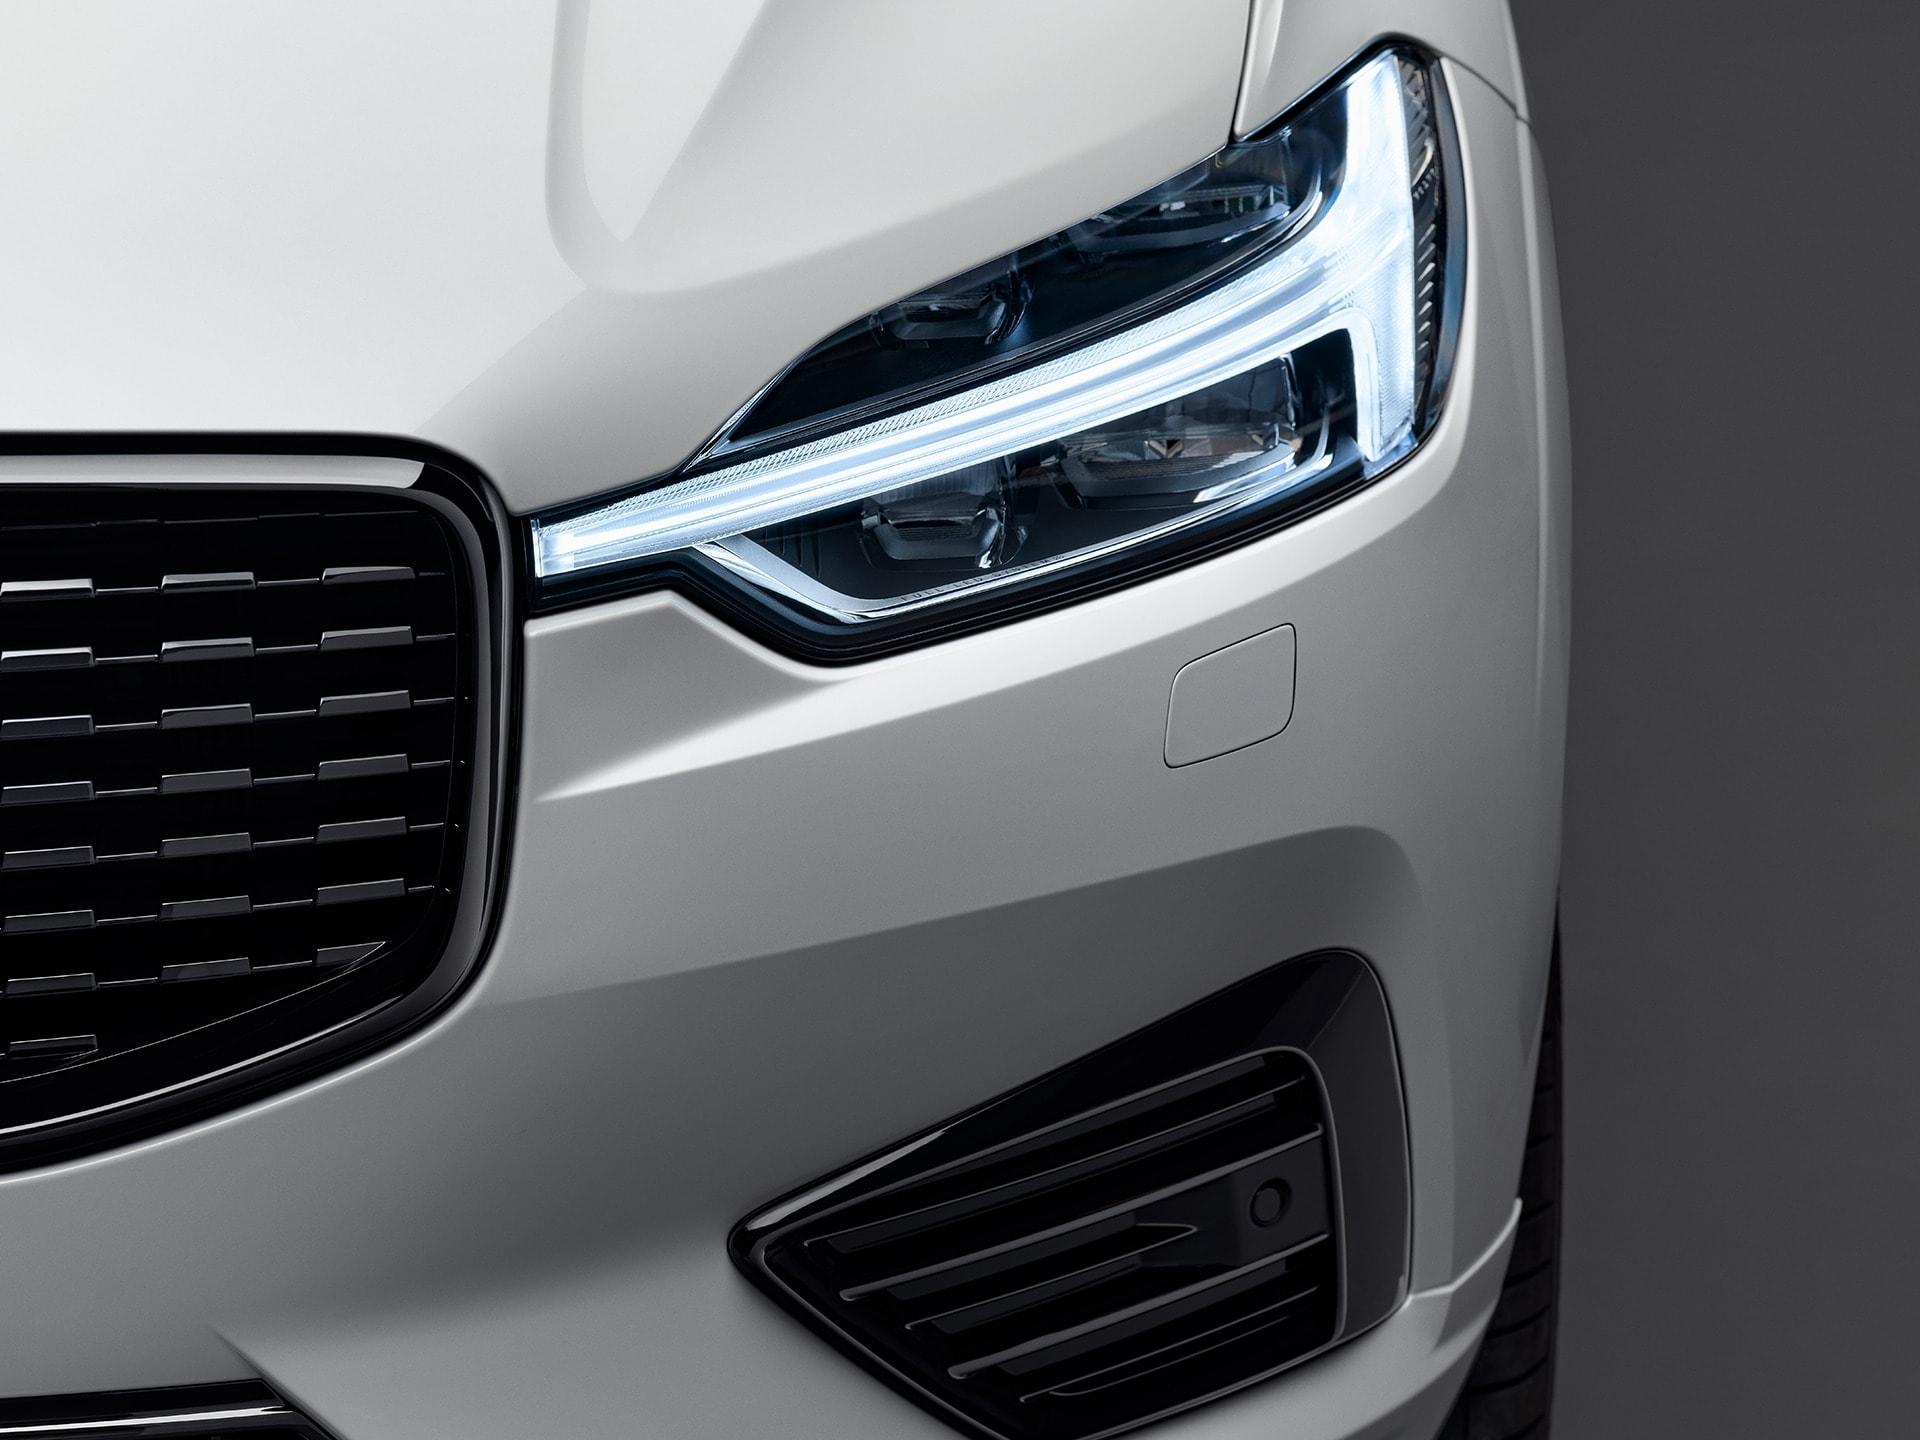 Forenden af en hvid Volvo XC60